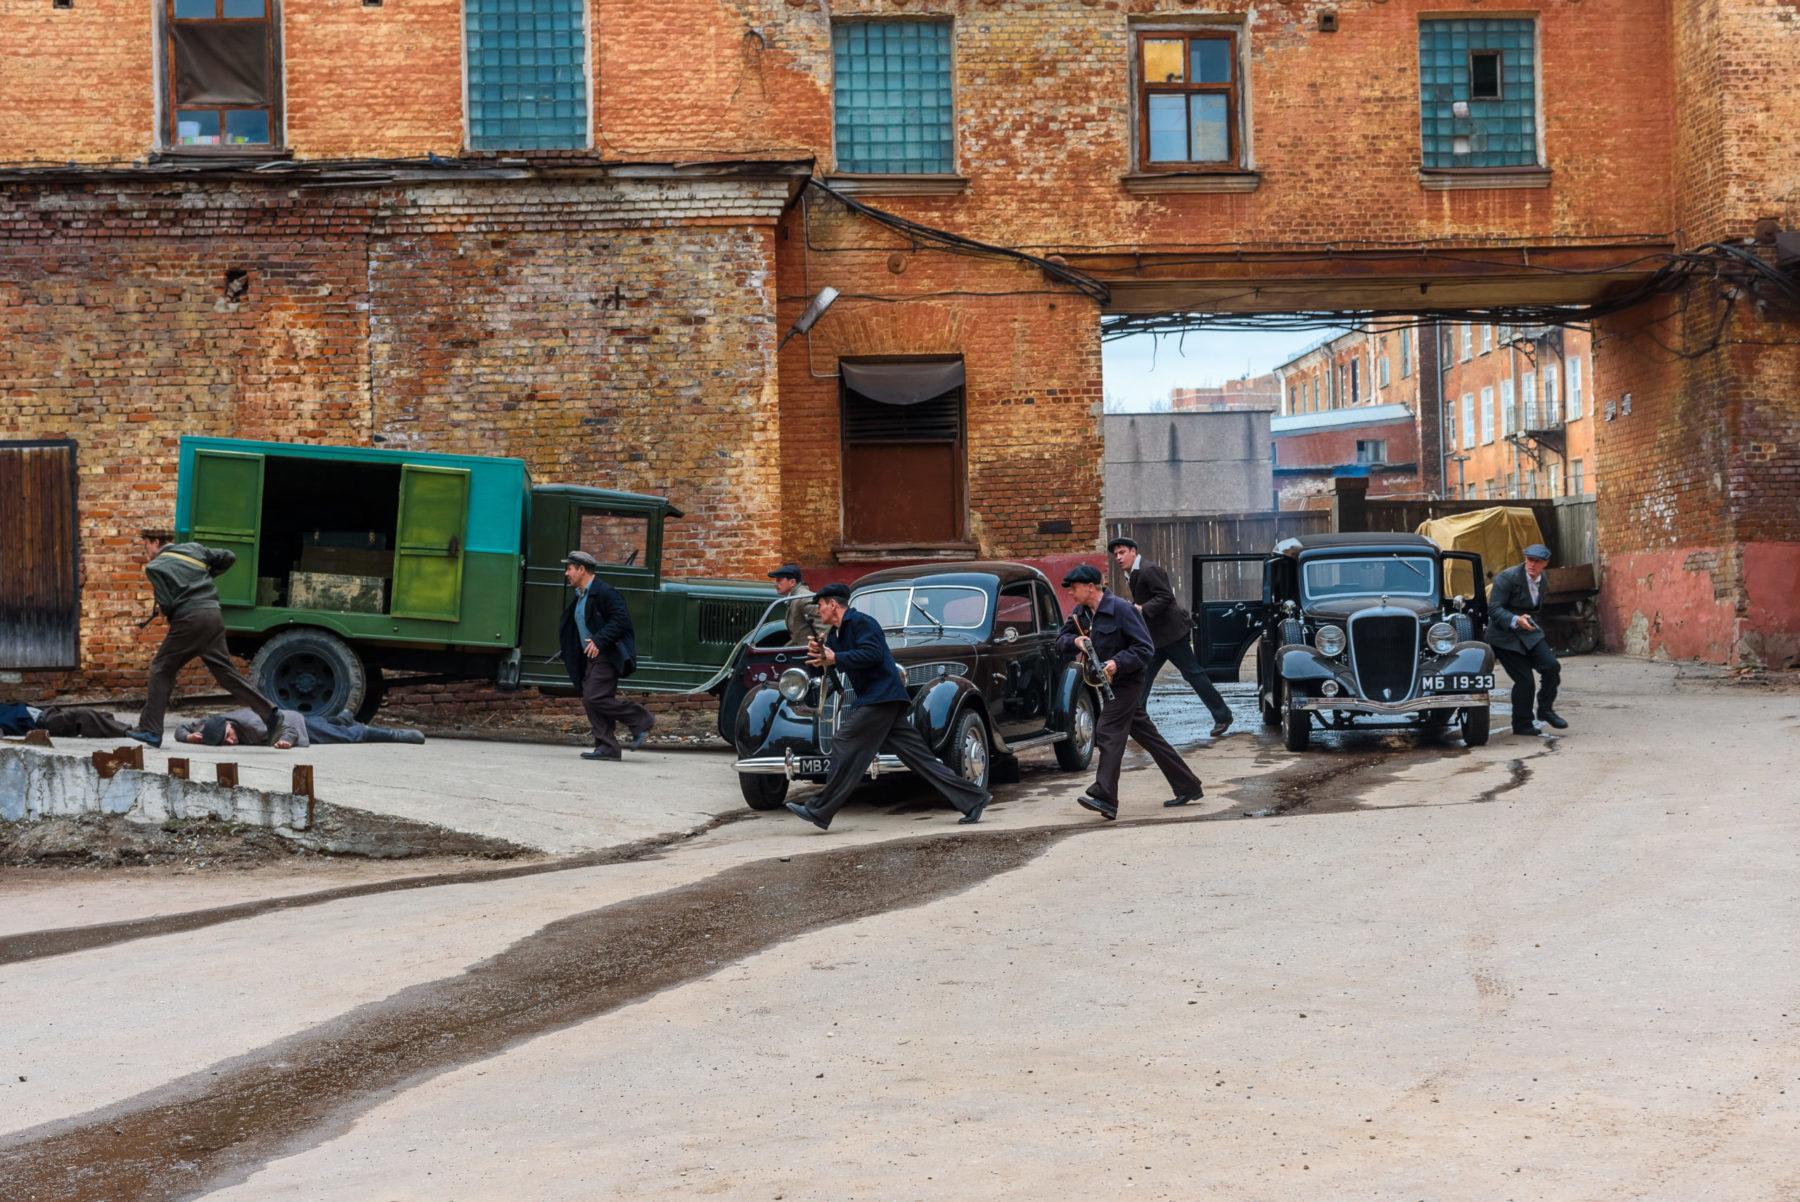 Съёмки детективного сериала «Художник» прошли на фабрике в Балашихе